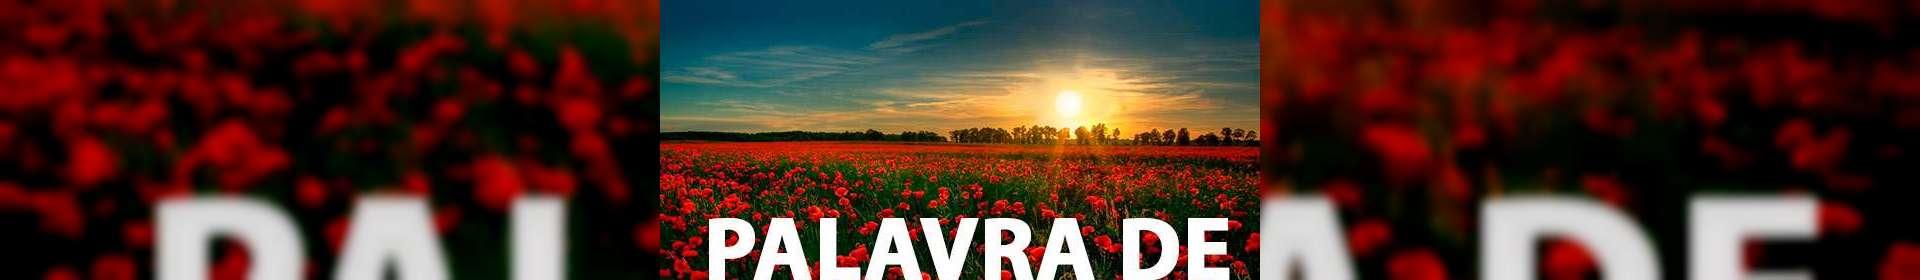 Salmos 17:8 - Uma Palavra de Esperança para sua vida